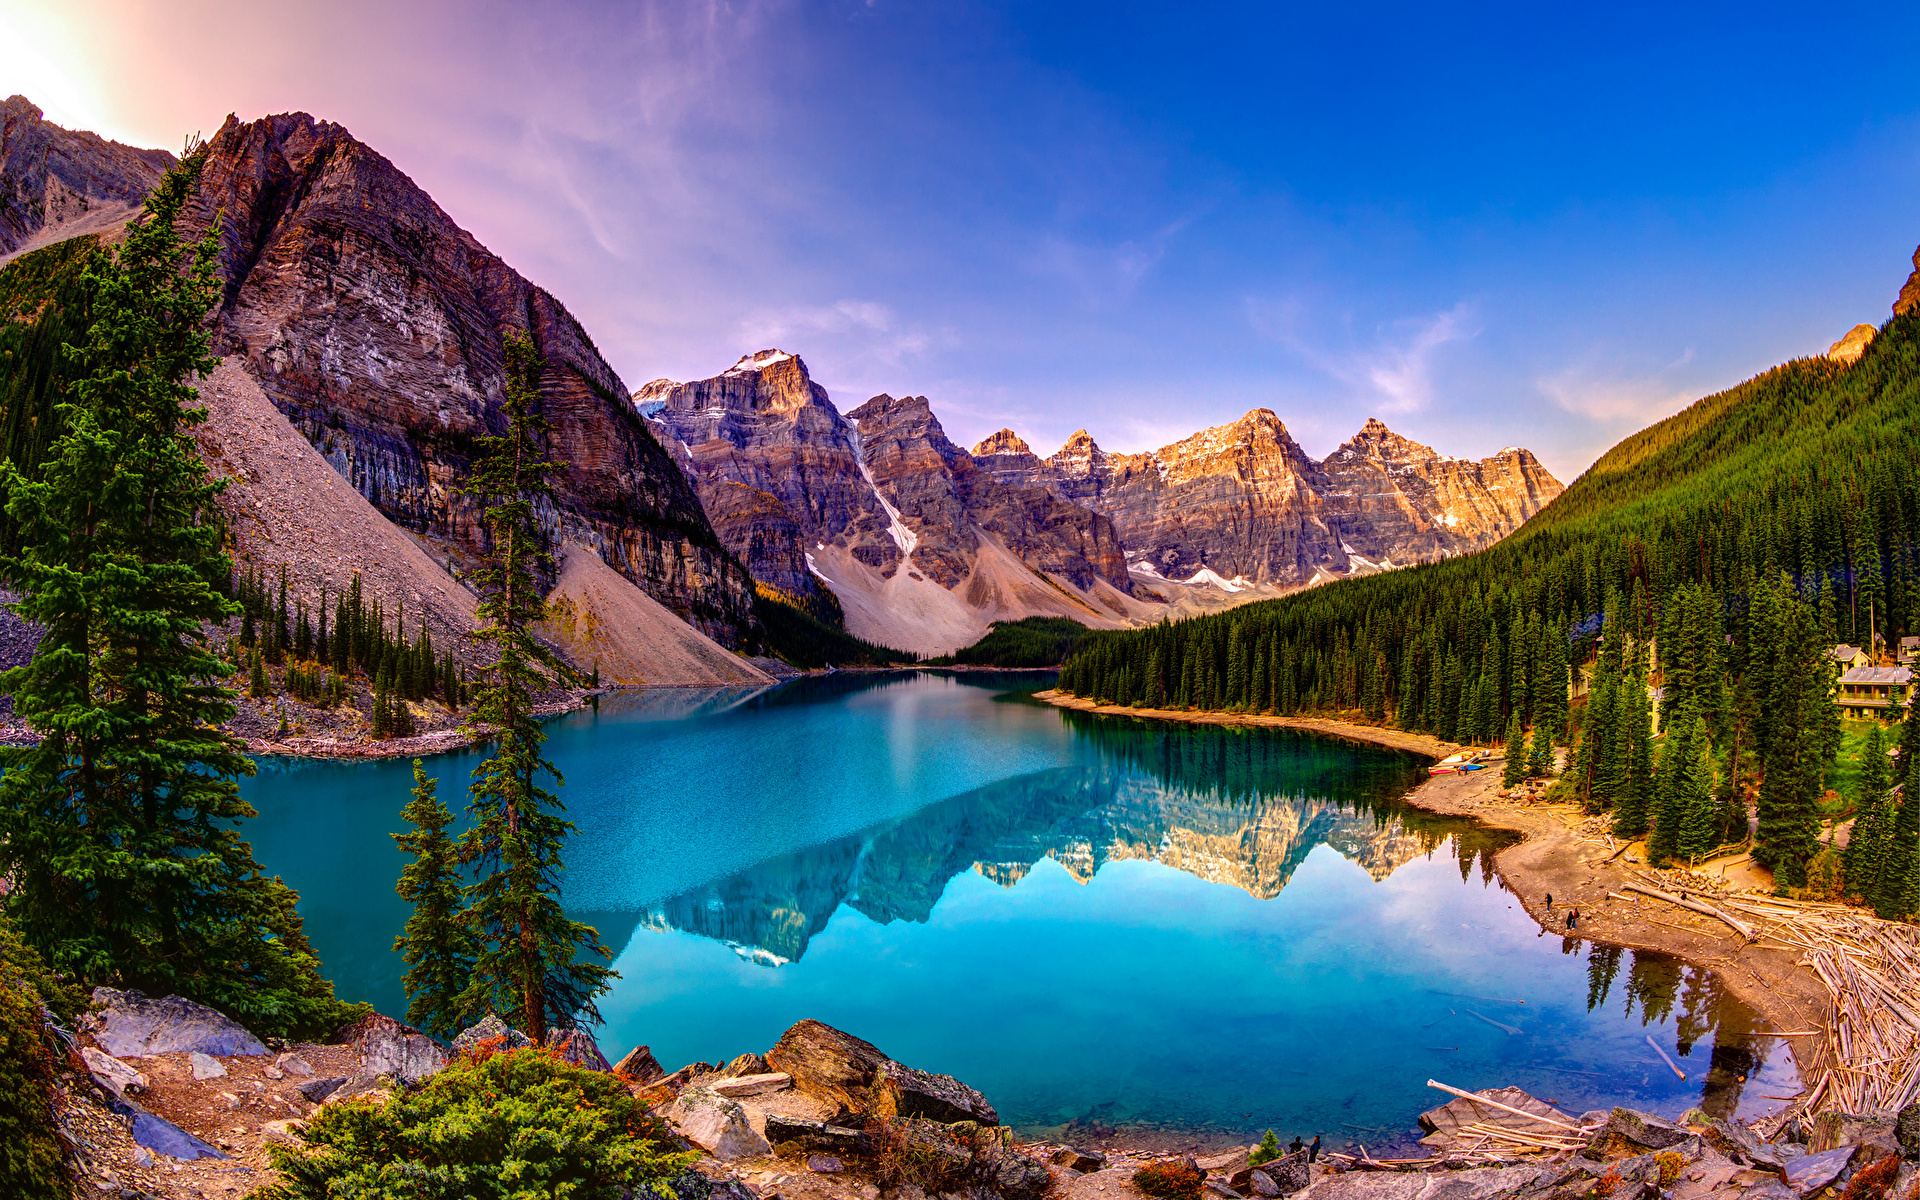 Fonds D Ecran 1920x1200 Lac Montagnes Photographie De Paysage Nature Telecharger Photo